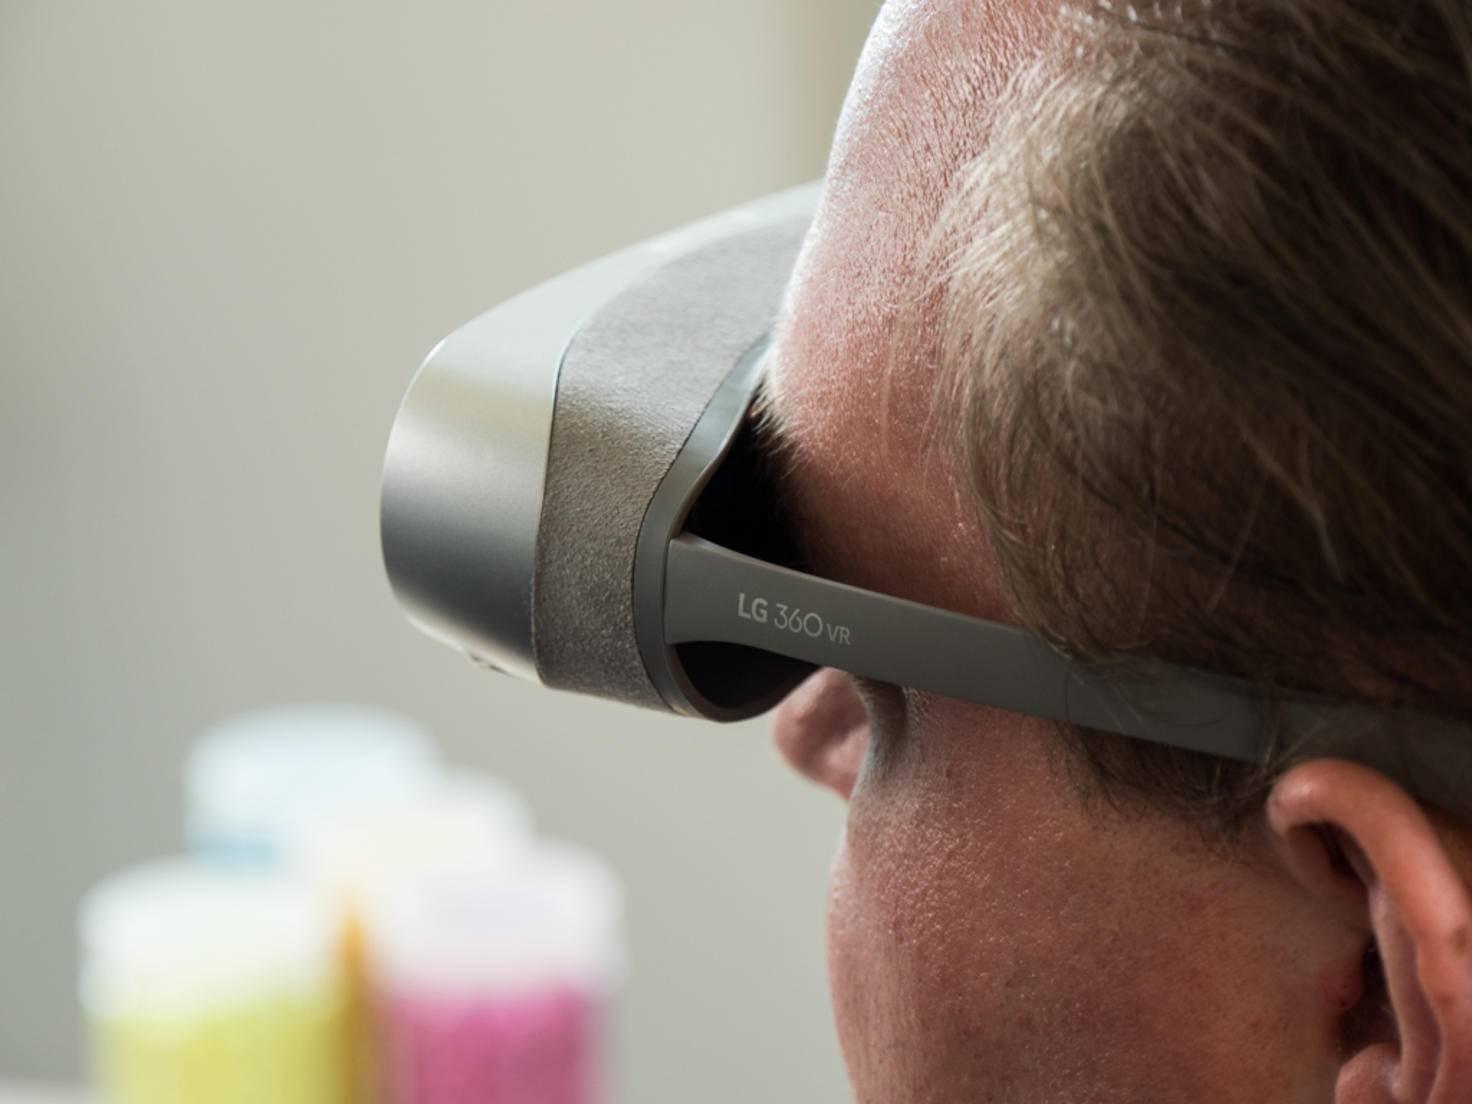 Bei Verwendung der LG 360 VR strömt Licht von den Seiten ein und zerstört die Immersion.